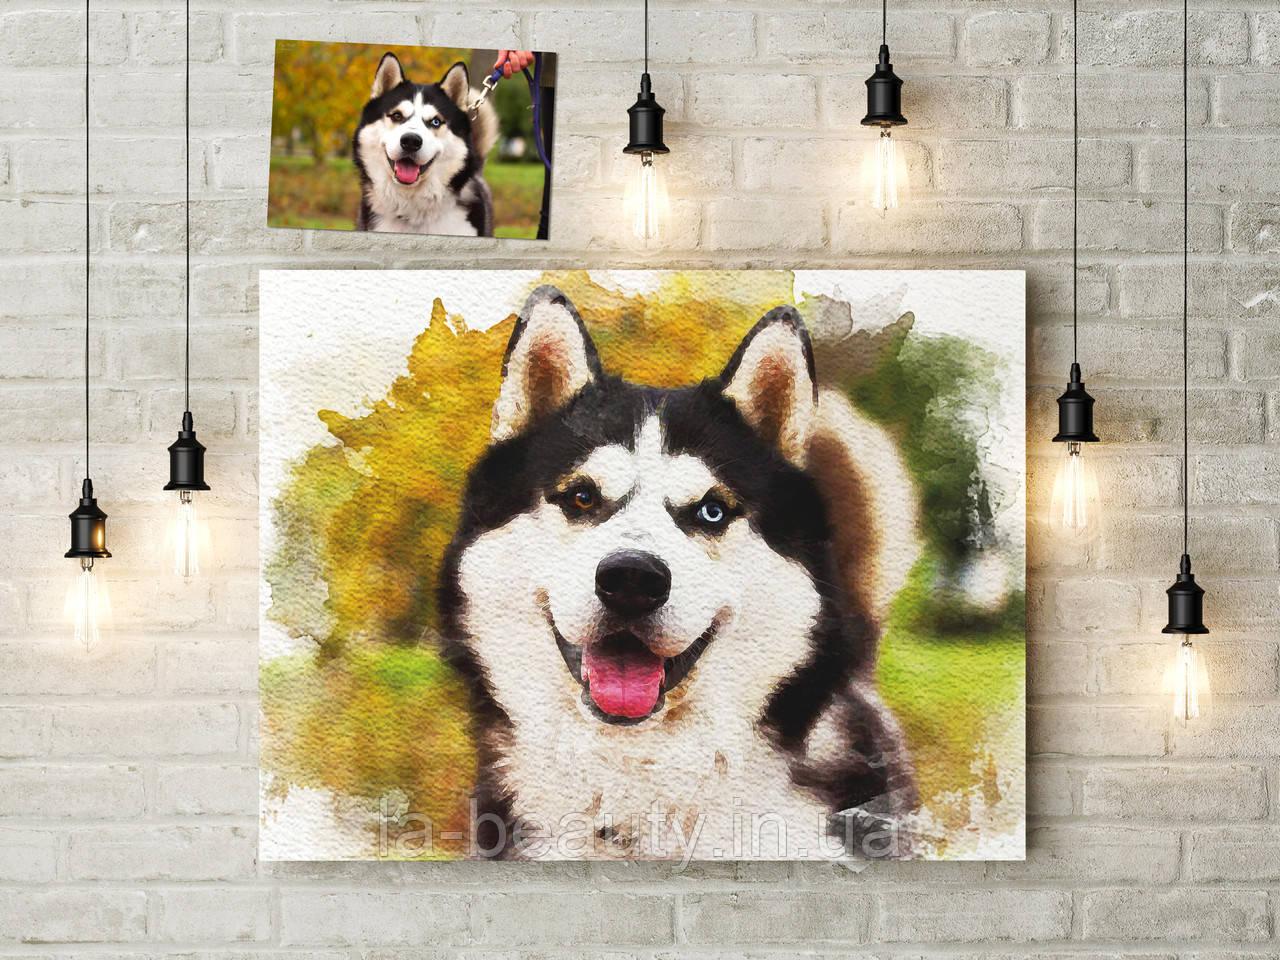 Картины по Вашим фото 70х50 см в акварельном стиле на холсте